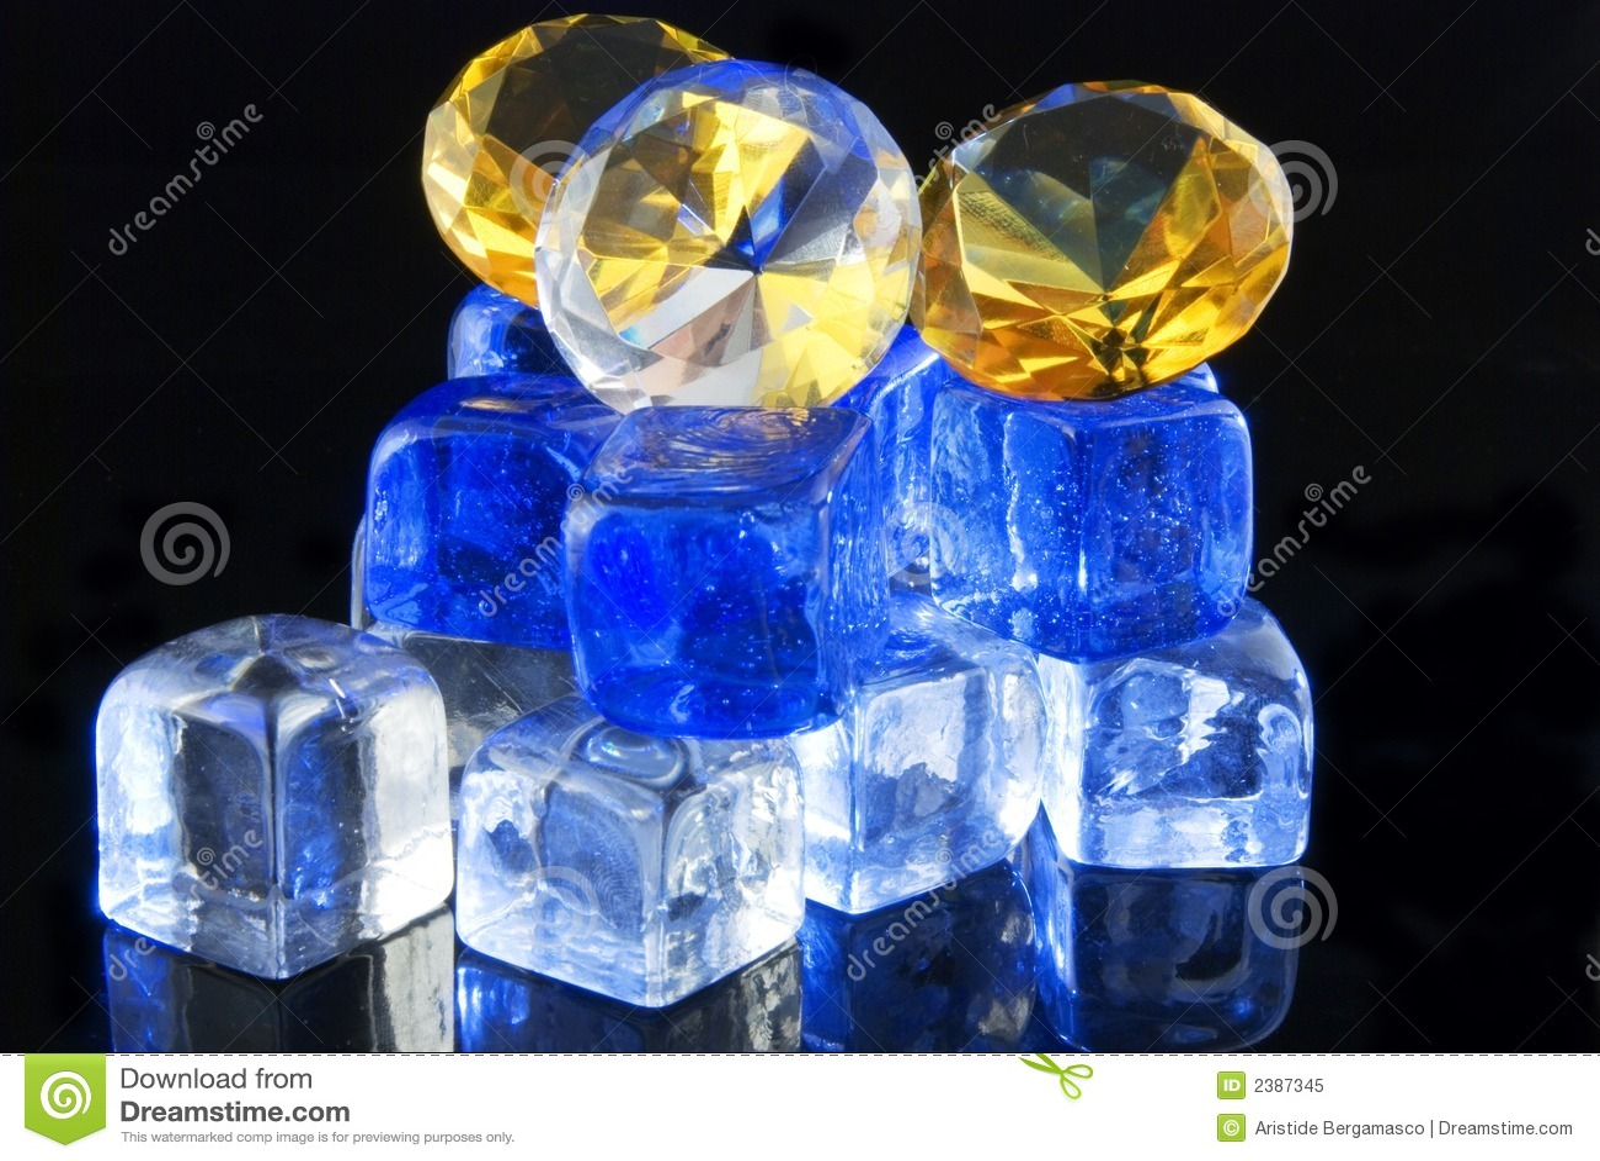 Diamonds and ice